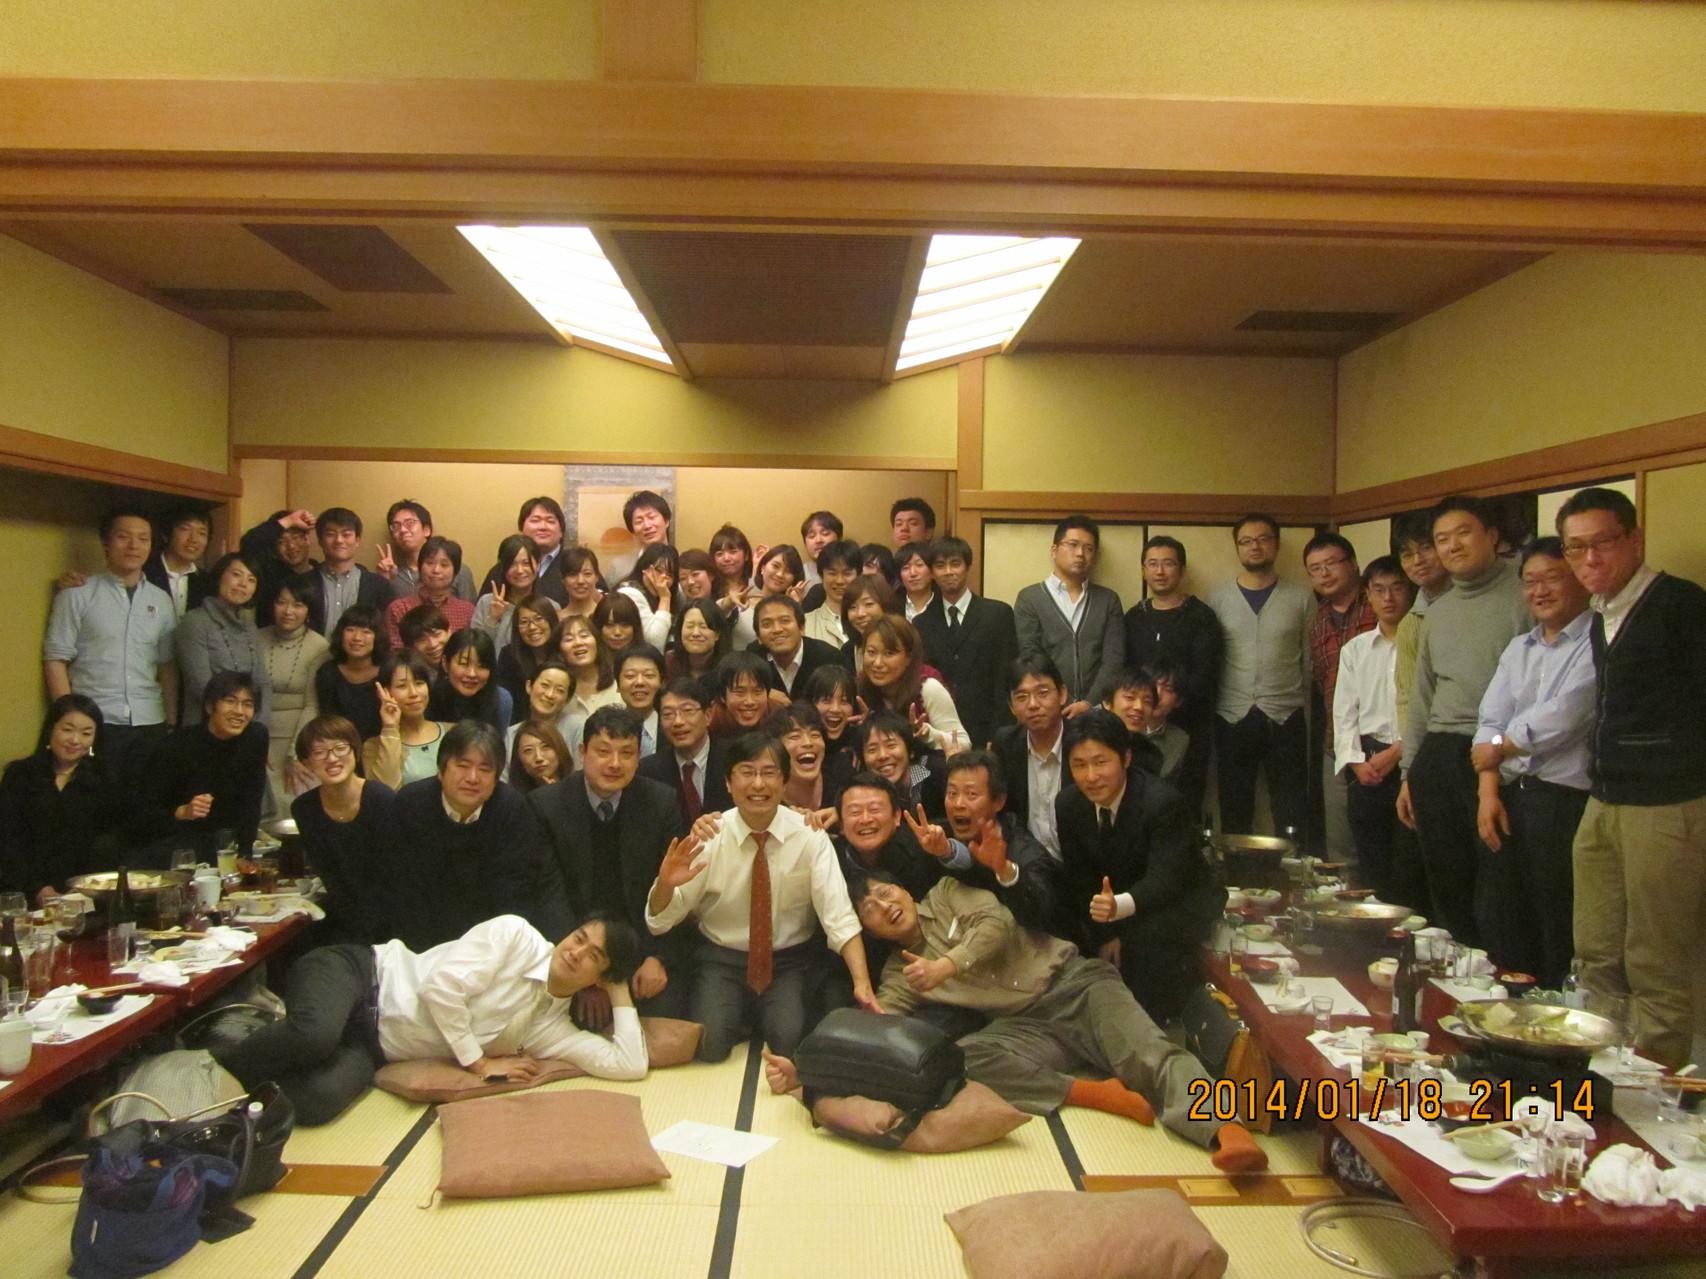 私が研鑽を積んだ東京医科歯科大学 第1外科 肝・胆・膵研究班が、今では肝胆膵・総合外科学という立派な教室になりました。